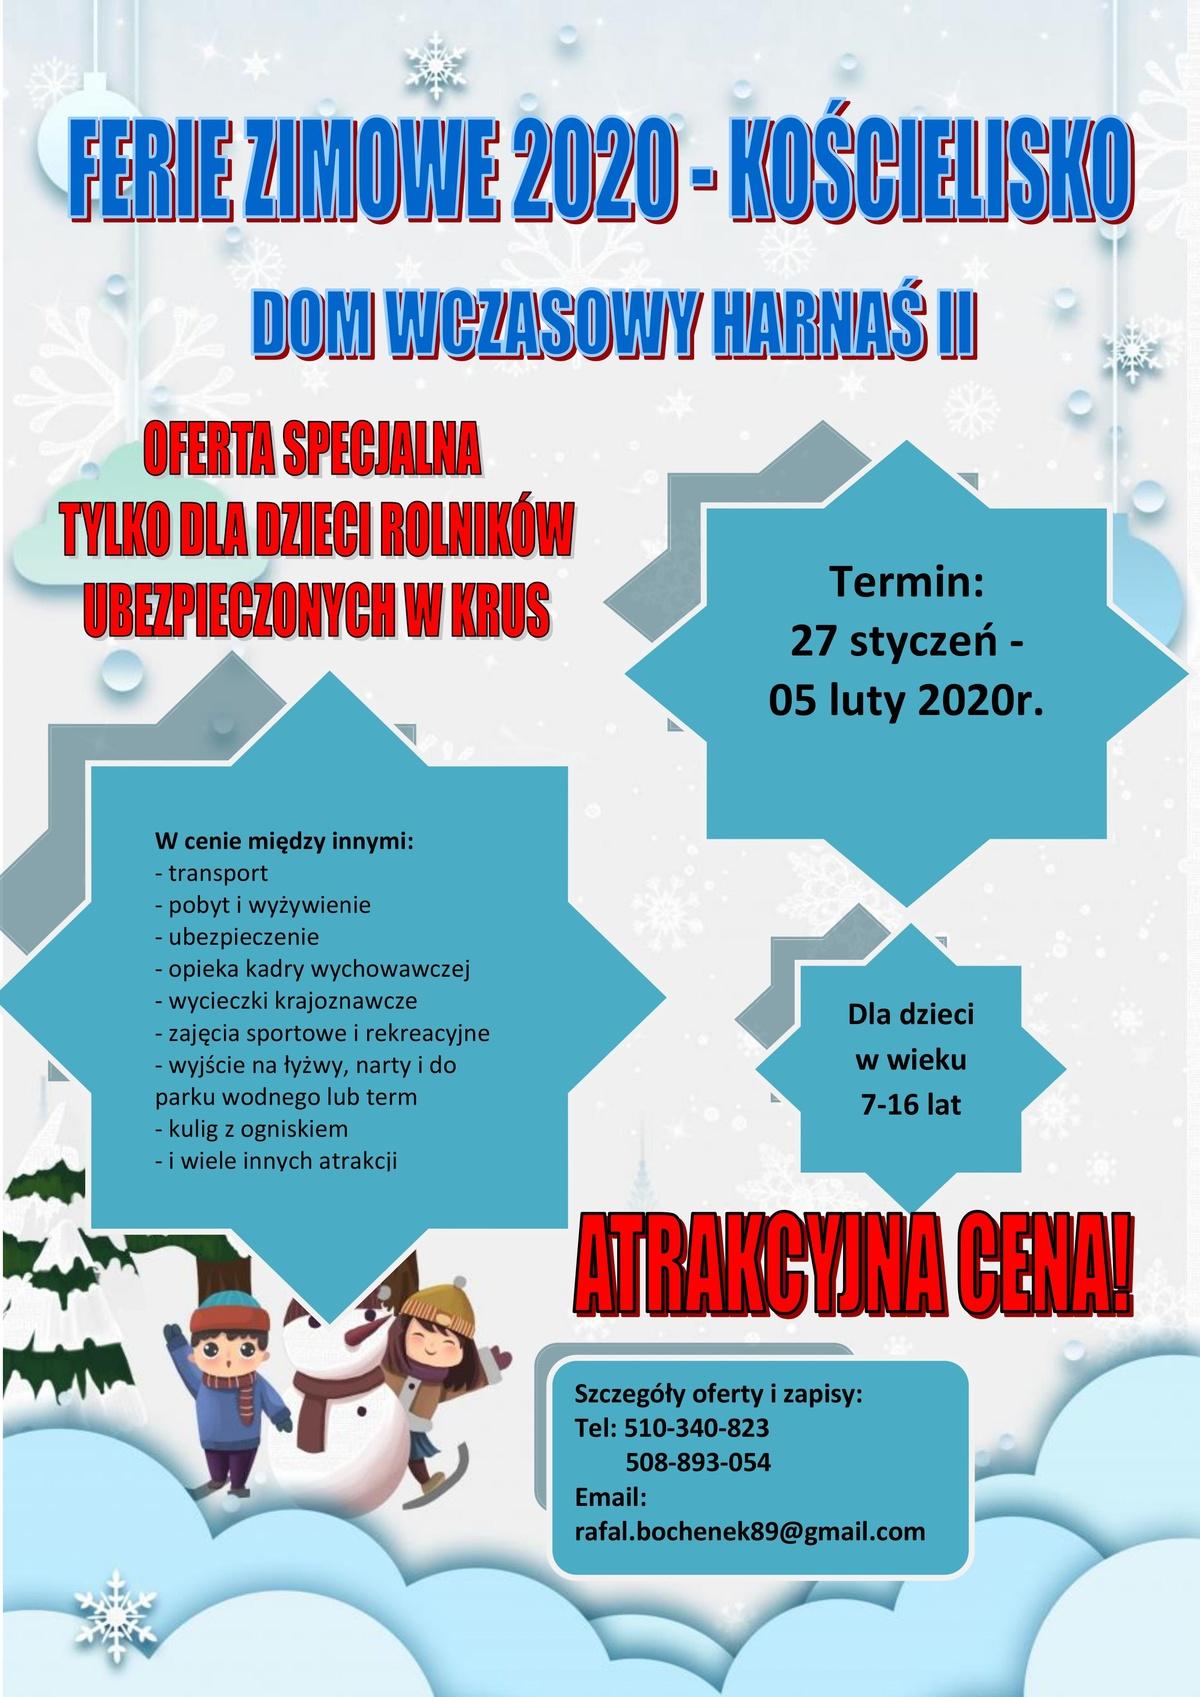 Plakat - Ferie zimowe 2020 wKościelisku